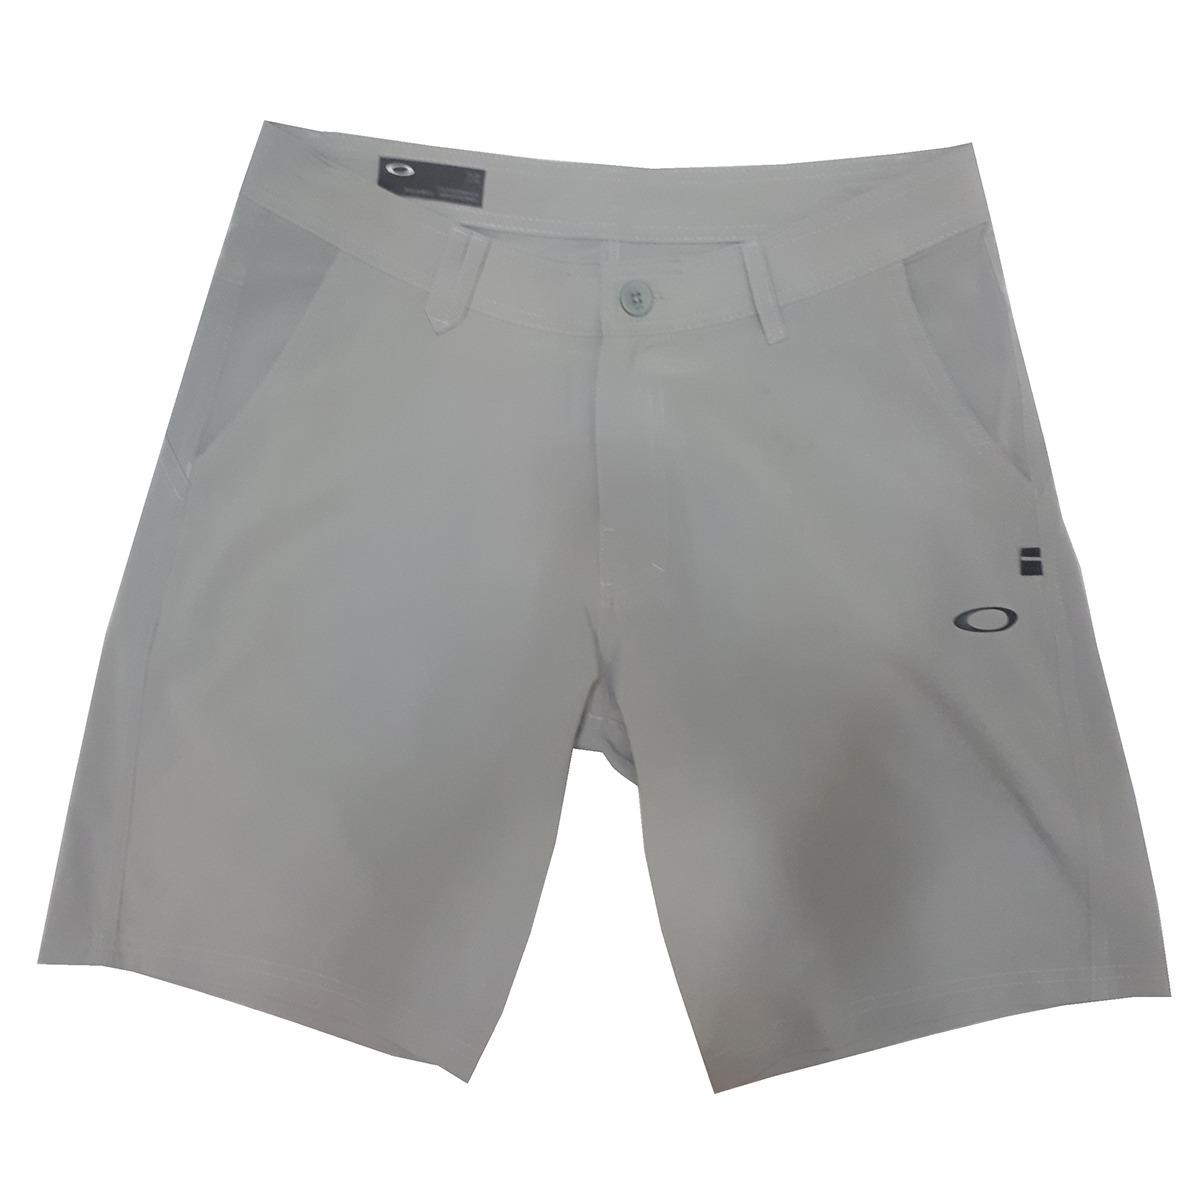 d30efb990728c Bermuda Oakley Original (442482br-94a) - R  329,00 em Mercado Livre